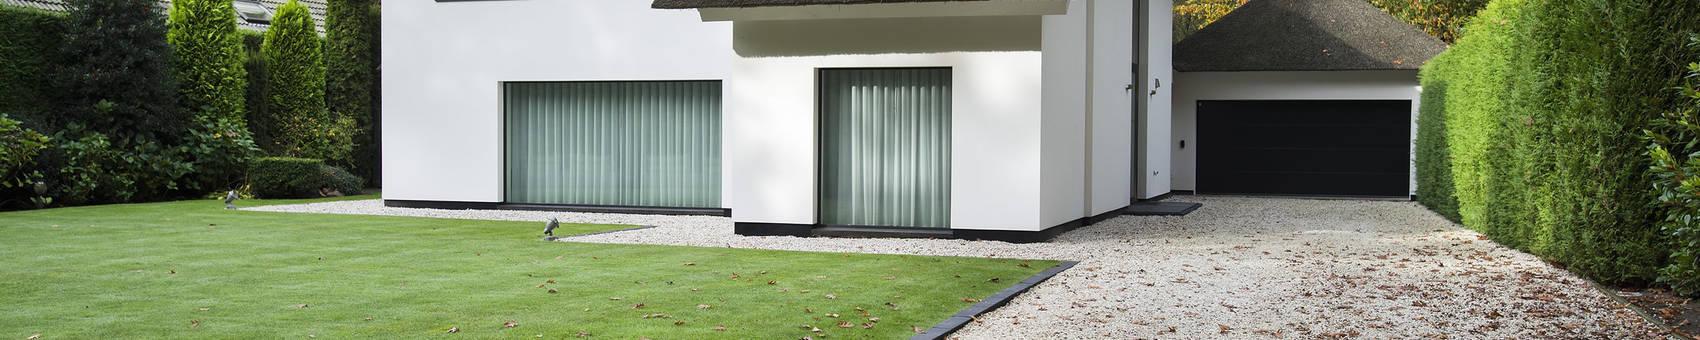 Eigentijds wonen in een rietgedekte villa:  Huizen door Lab32 architecten